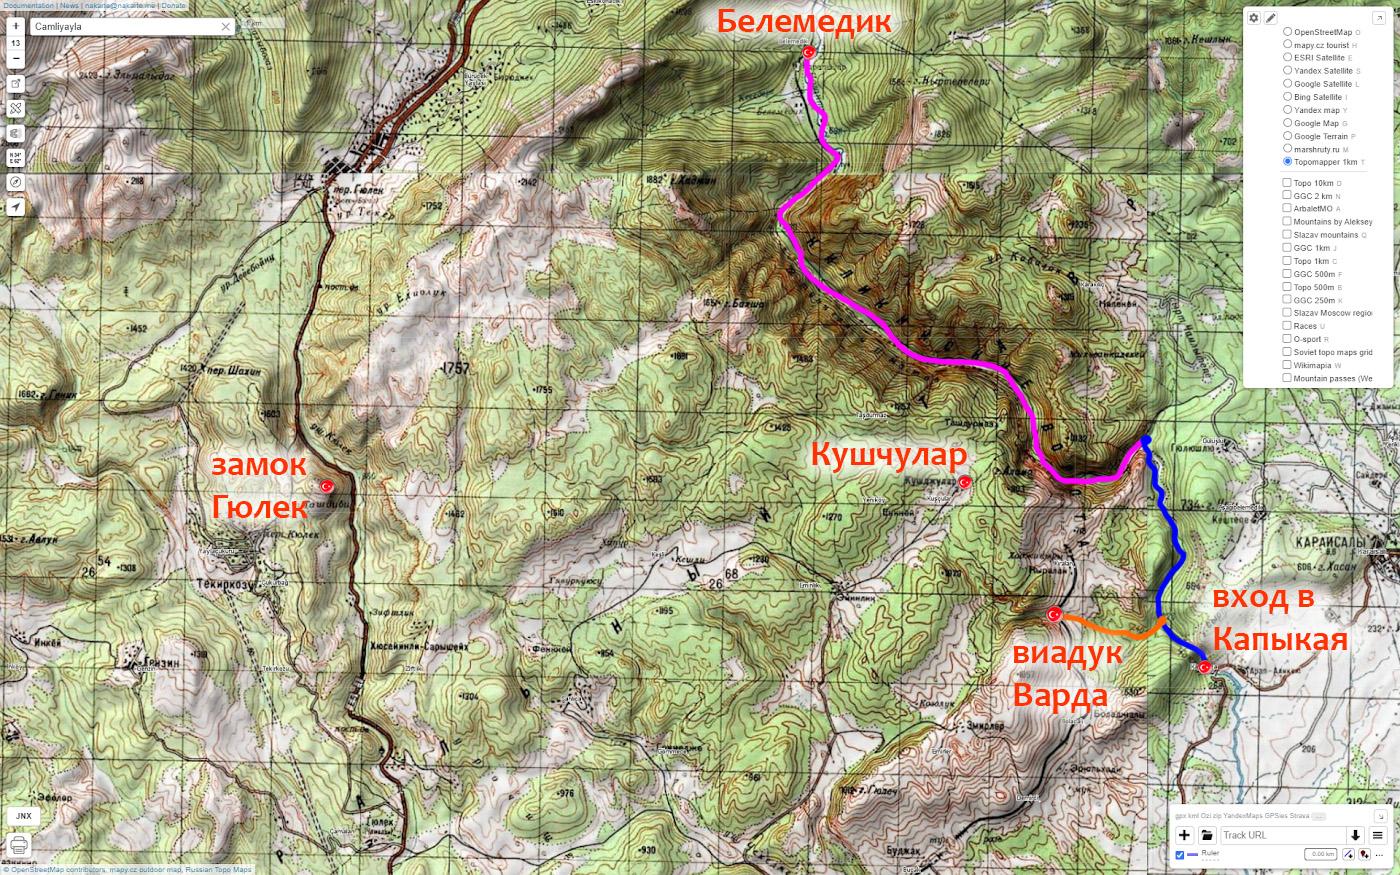 14. Карта со семой расположения крепости Гюлек, каньонов Чакыт и Капыкая, виадука Варда.